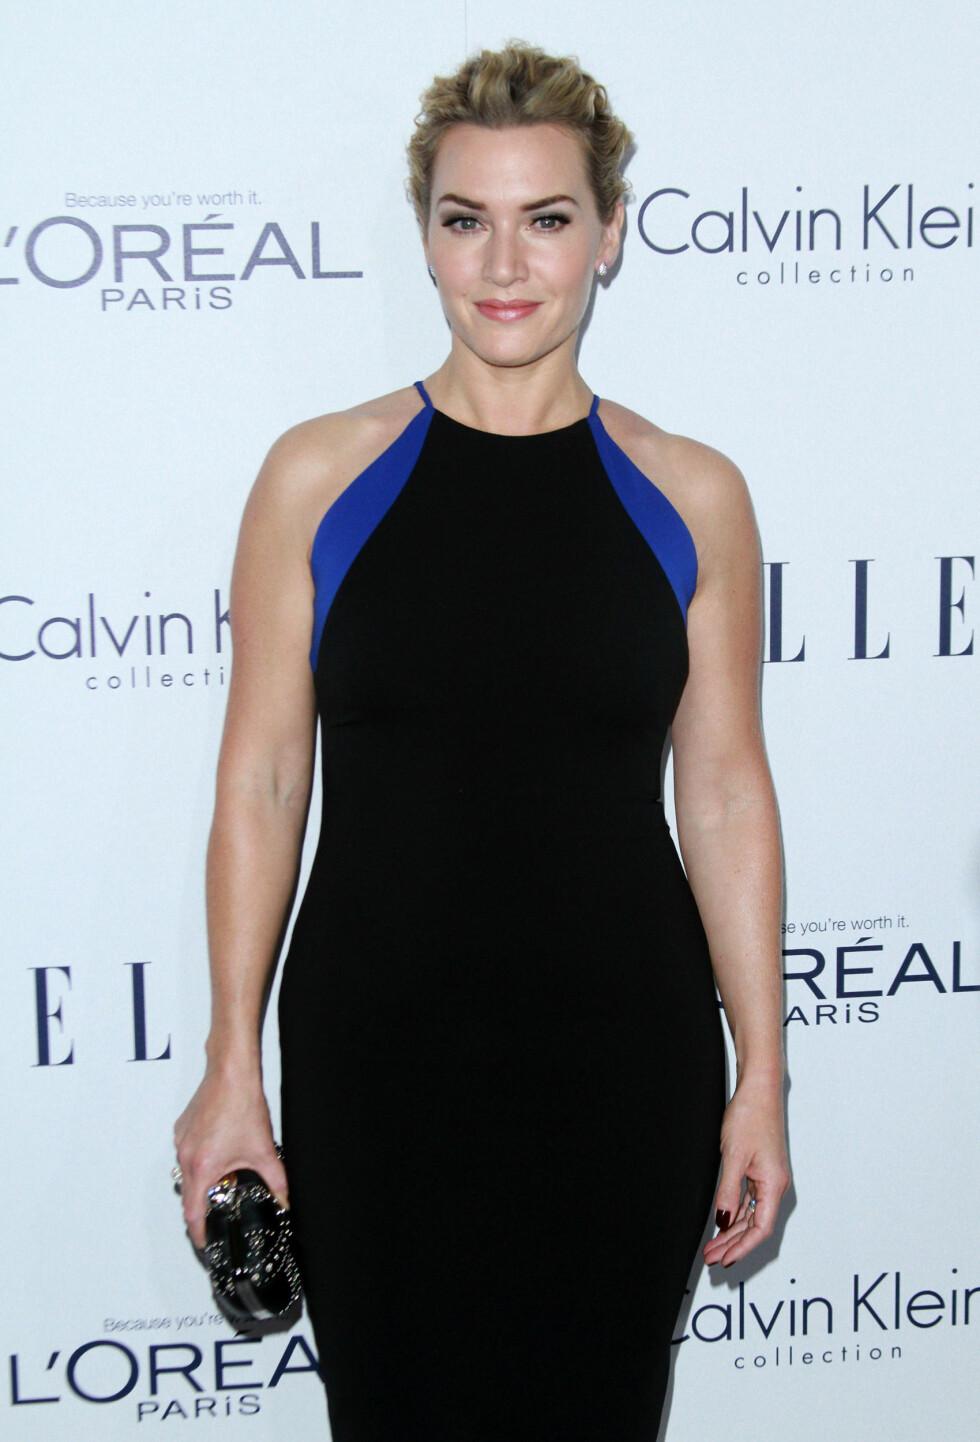 STILIG DAME: Kate Winslet er stadig å se i de lekreste kjolene. Nå forteller hun om den gangen en av dem løsnet i et bursdagsselskap. Foto: wenn.com